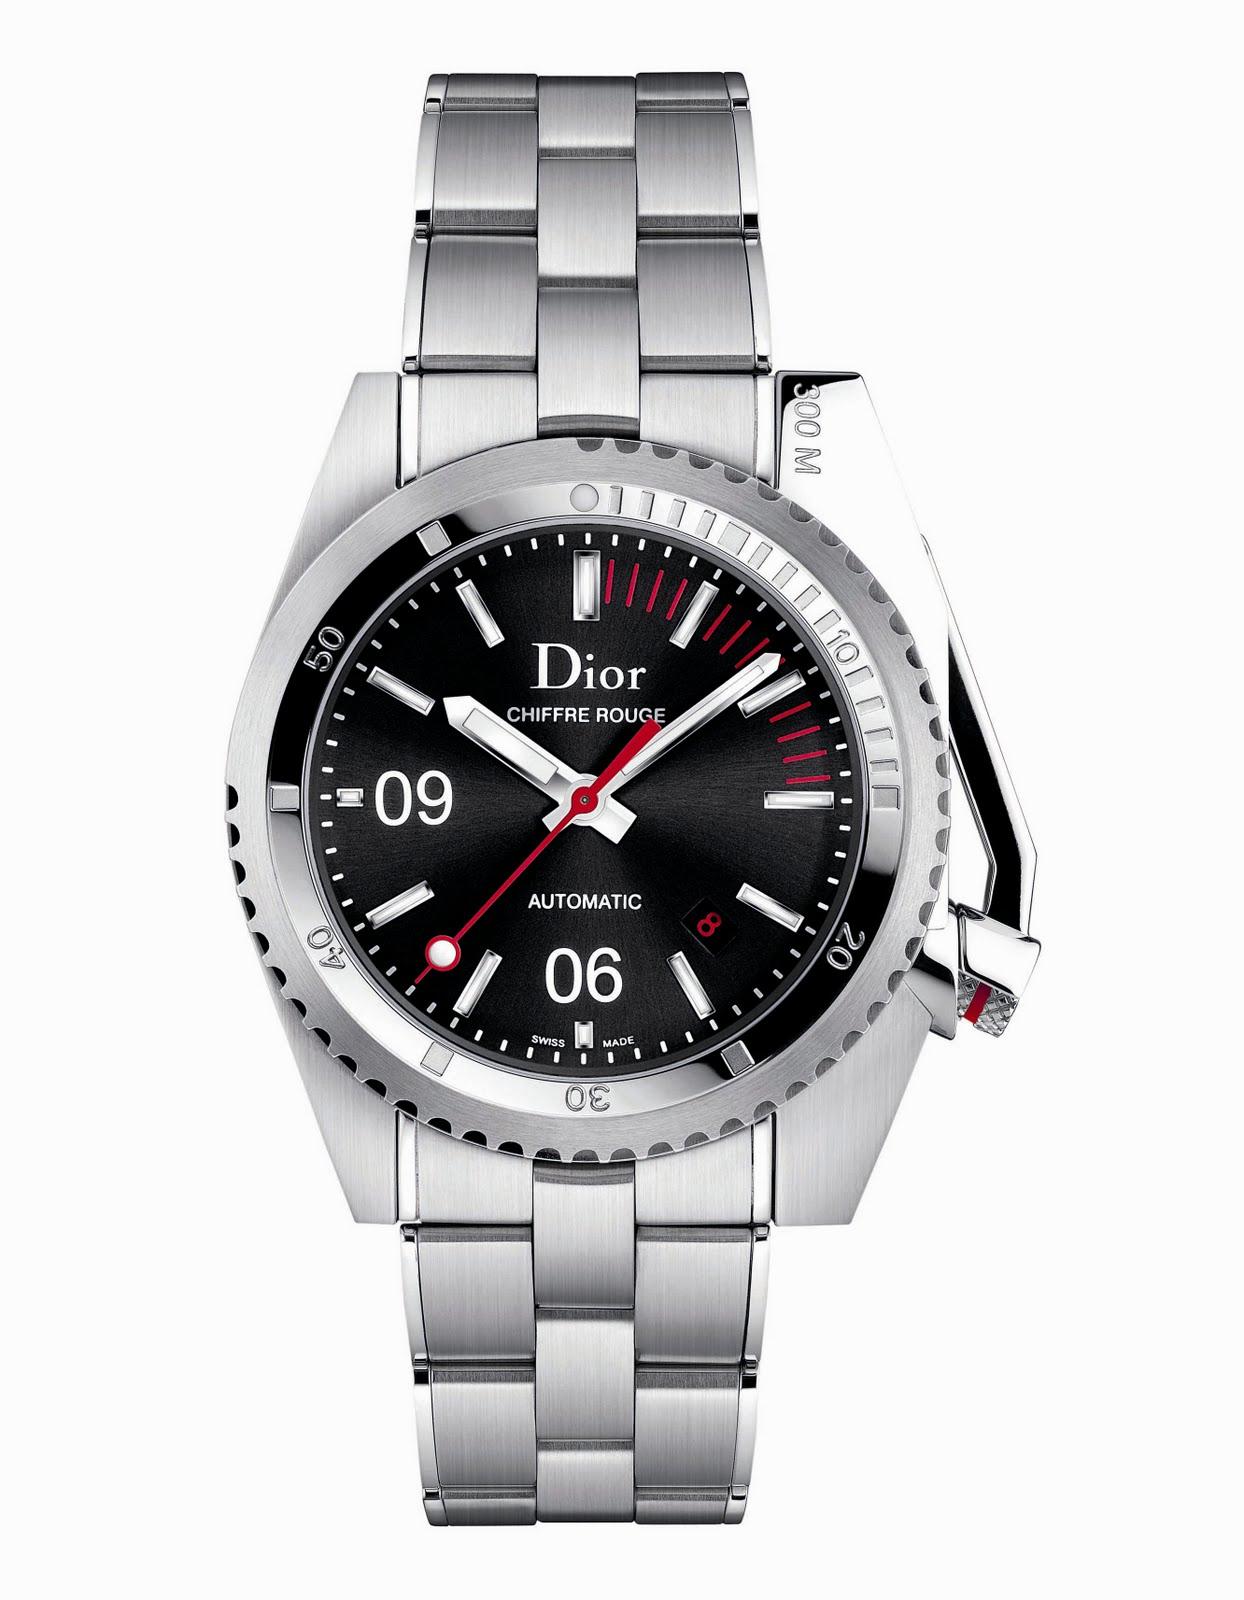 79d66076c97 Madame Excêntrica  Lançamento de relógio Dior é opção de presente ...